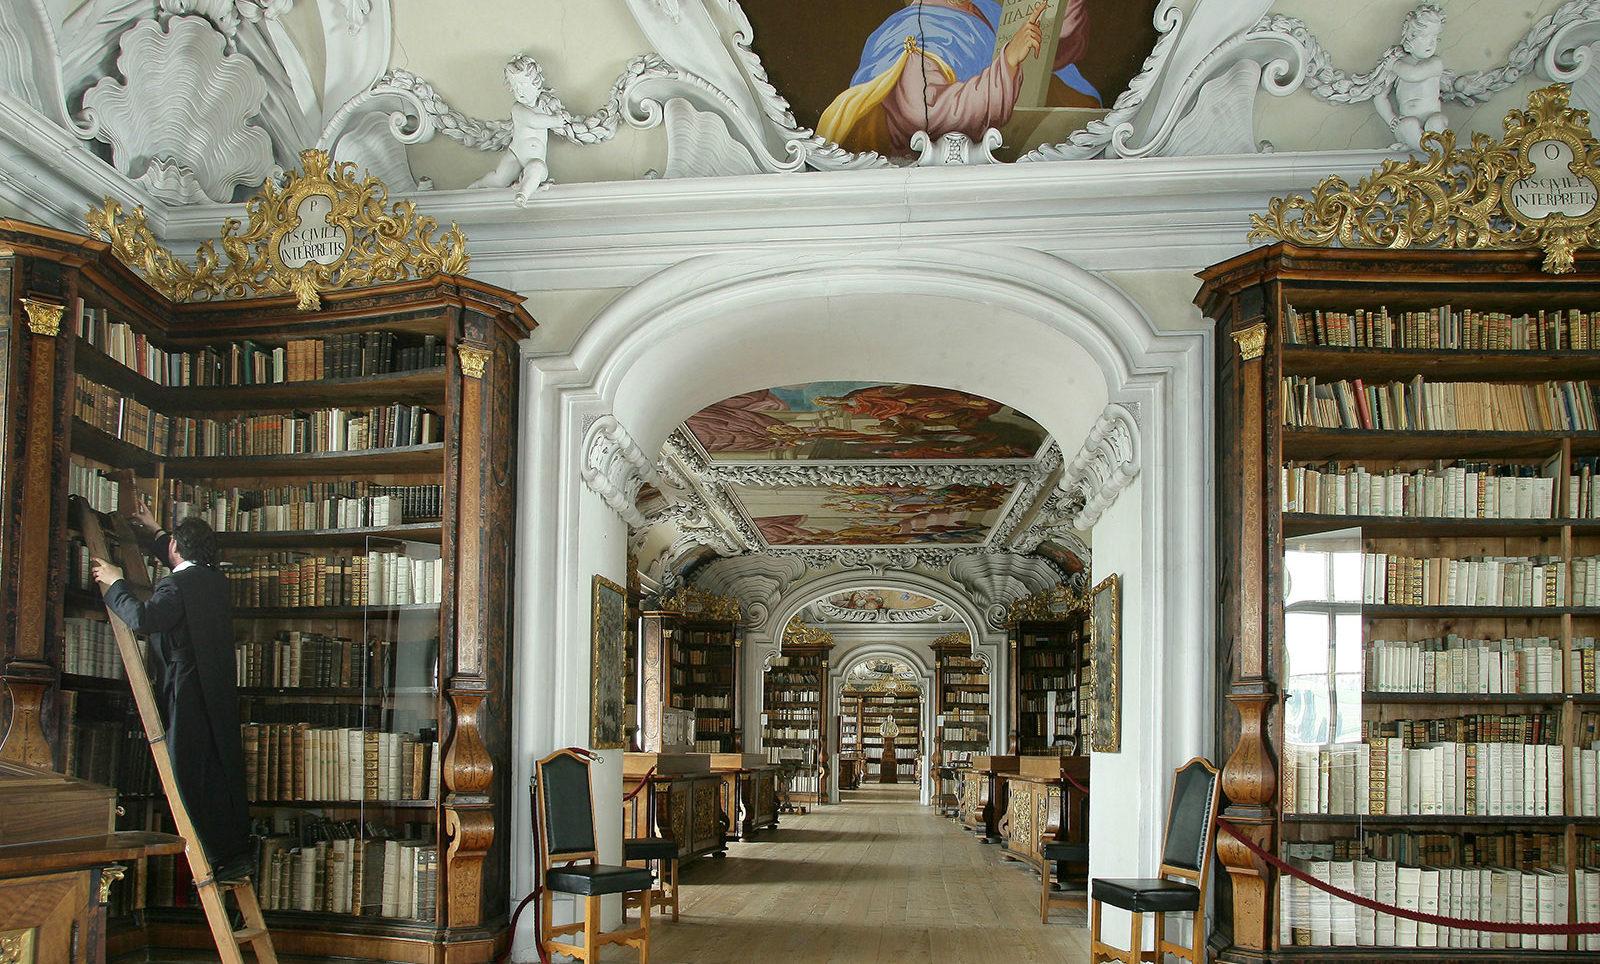 Stiftsbibliothek Kremsmuenster - Freizeit - Pension Jageredt